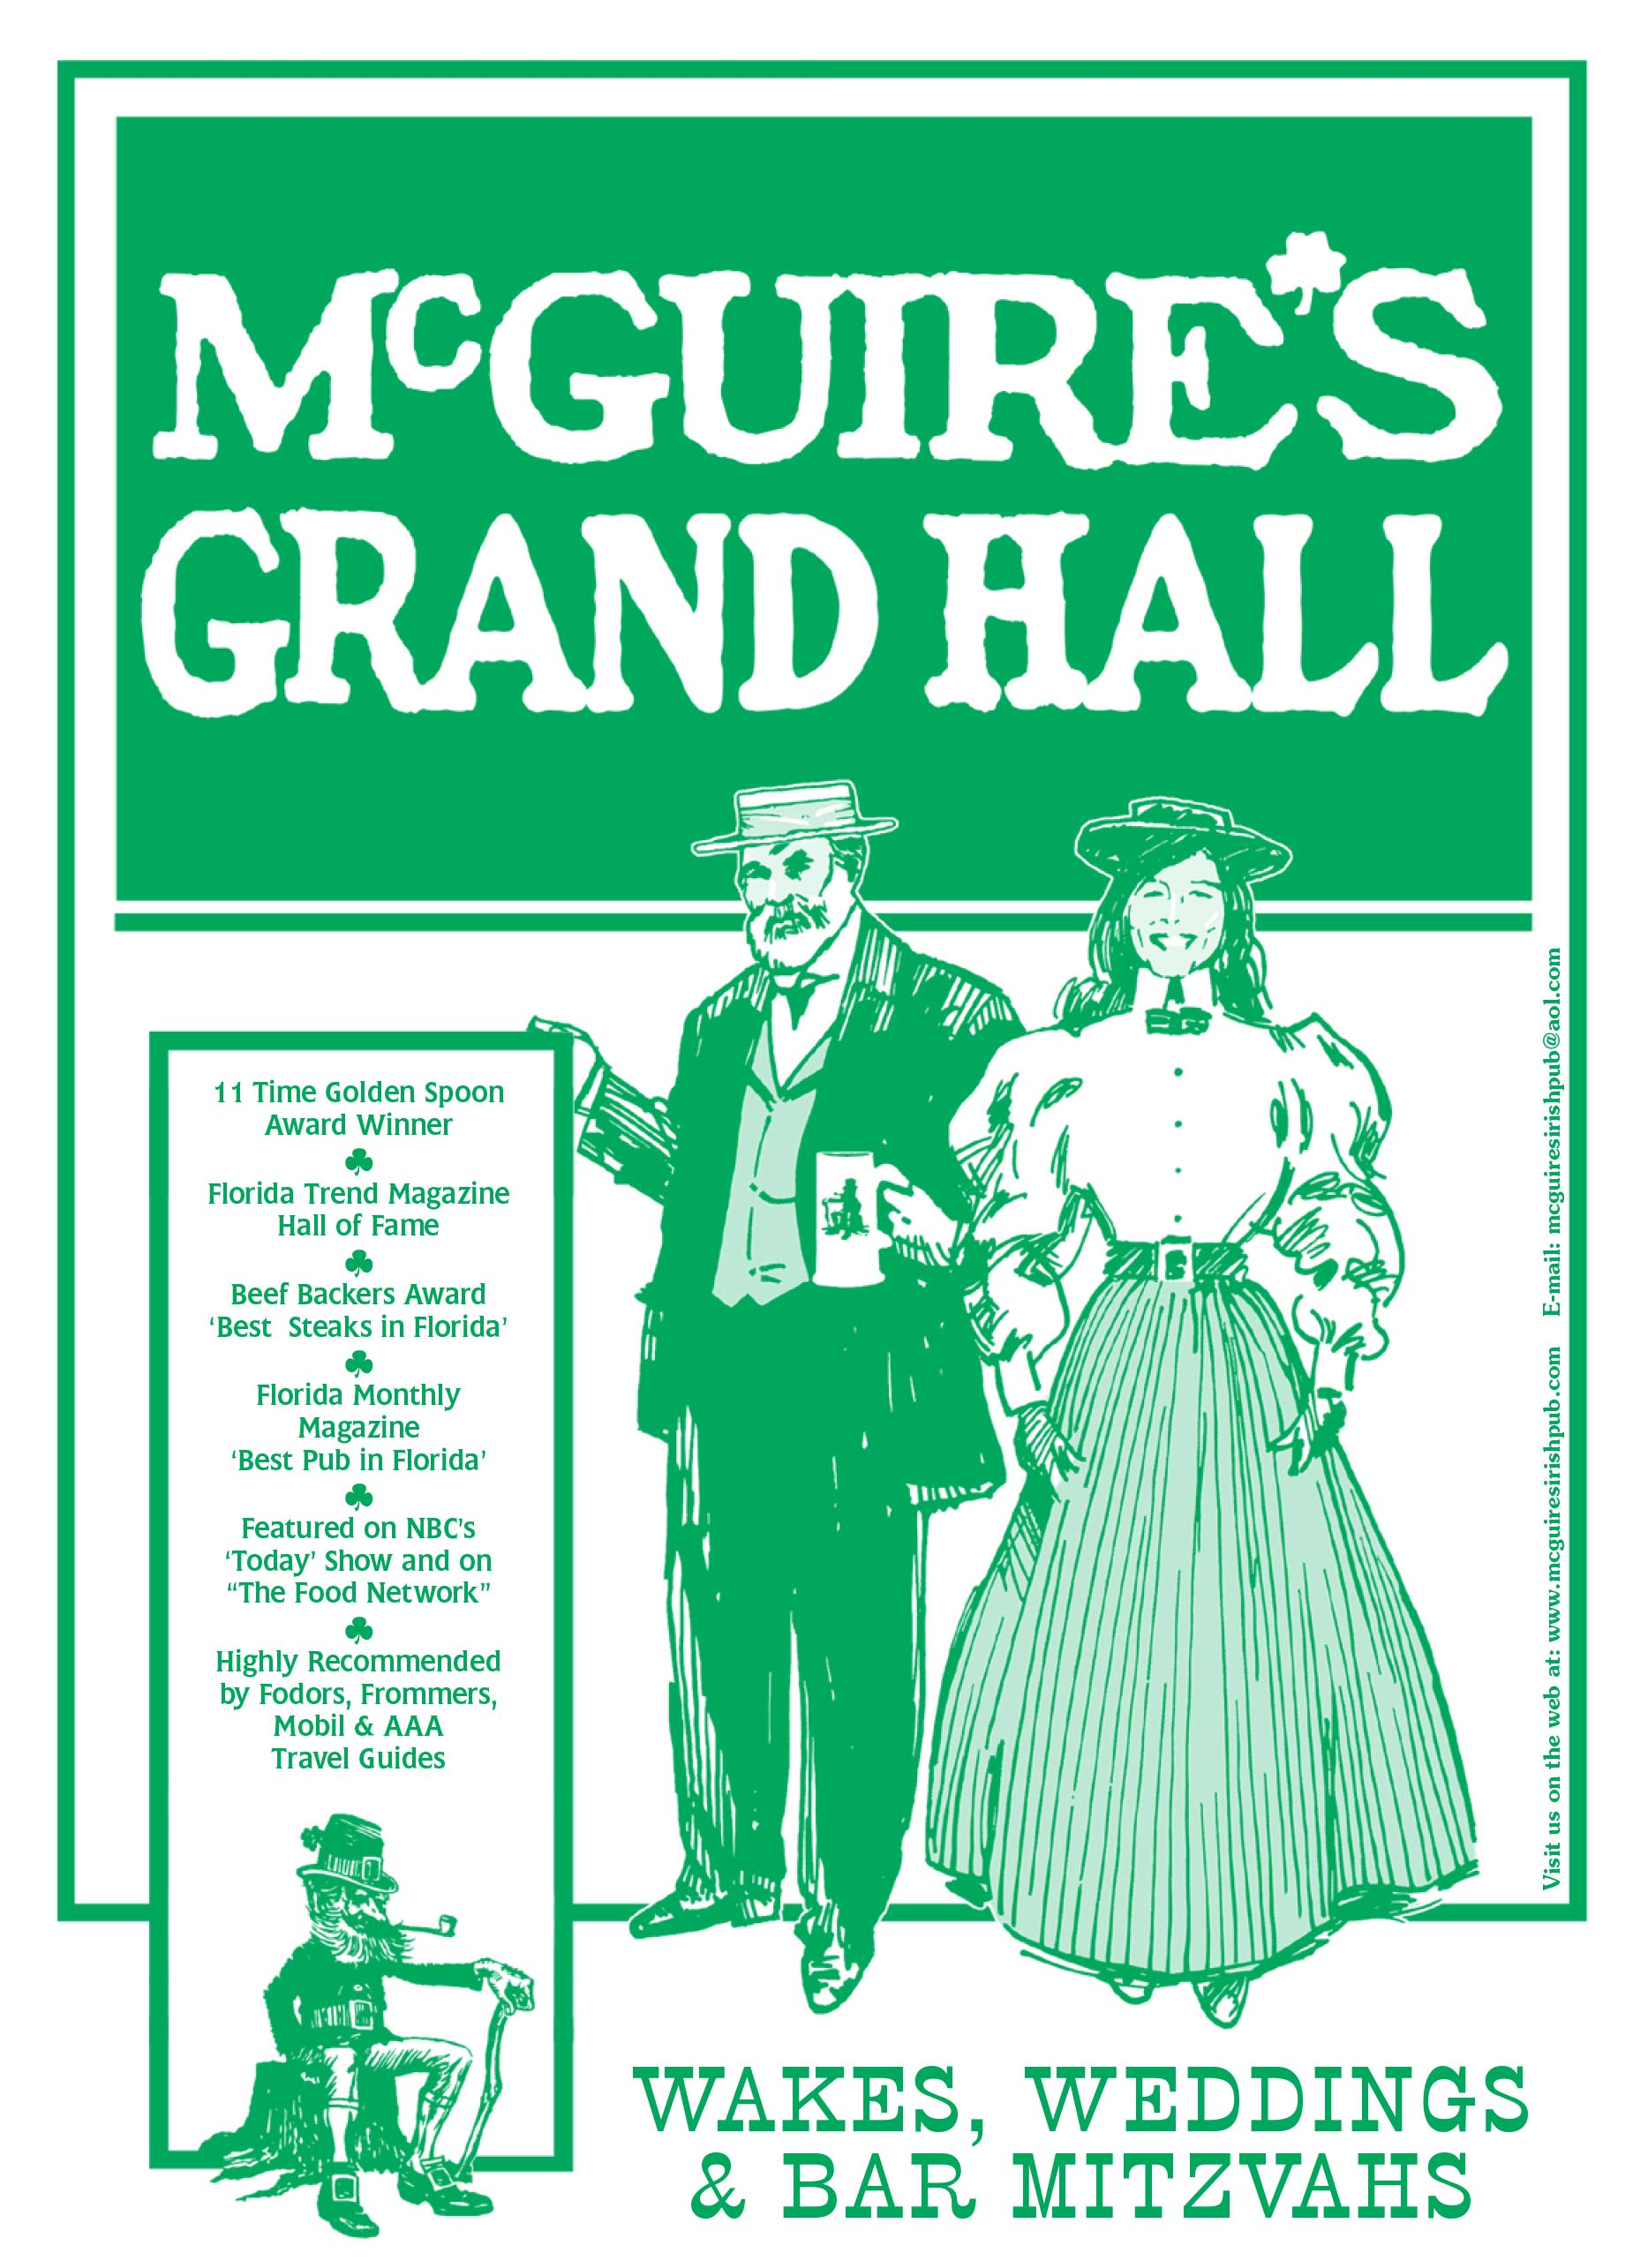 McGuire's Grand Hall Menu